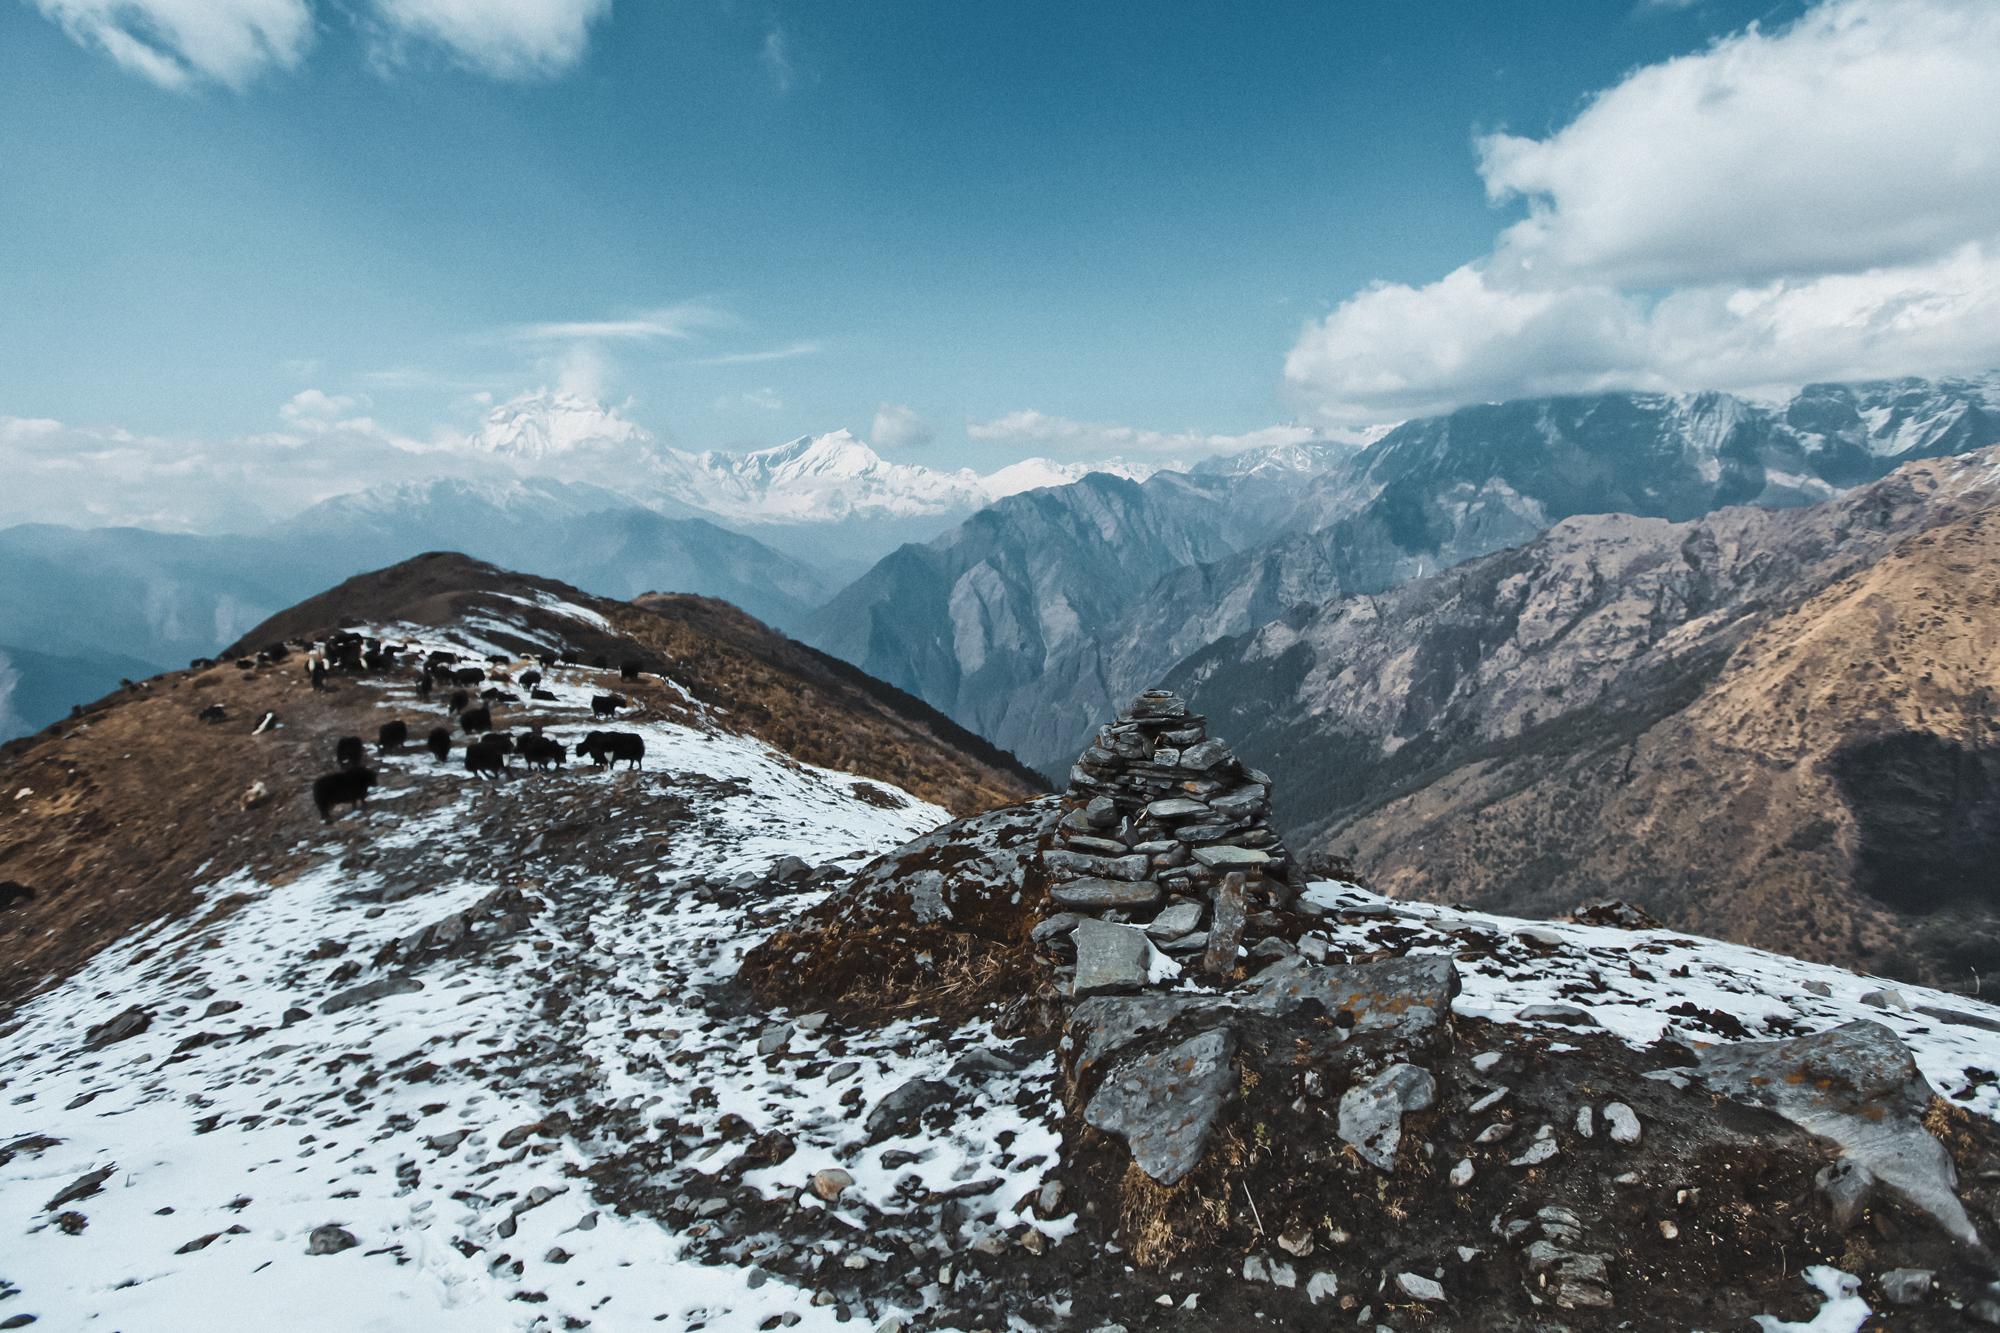 khopra-ridge-yak-herder4.jpg